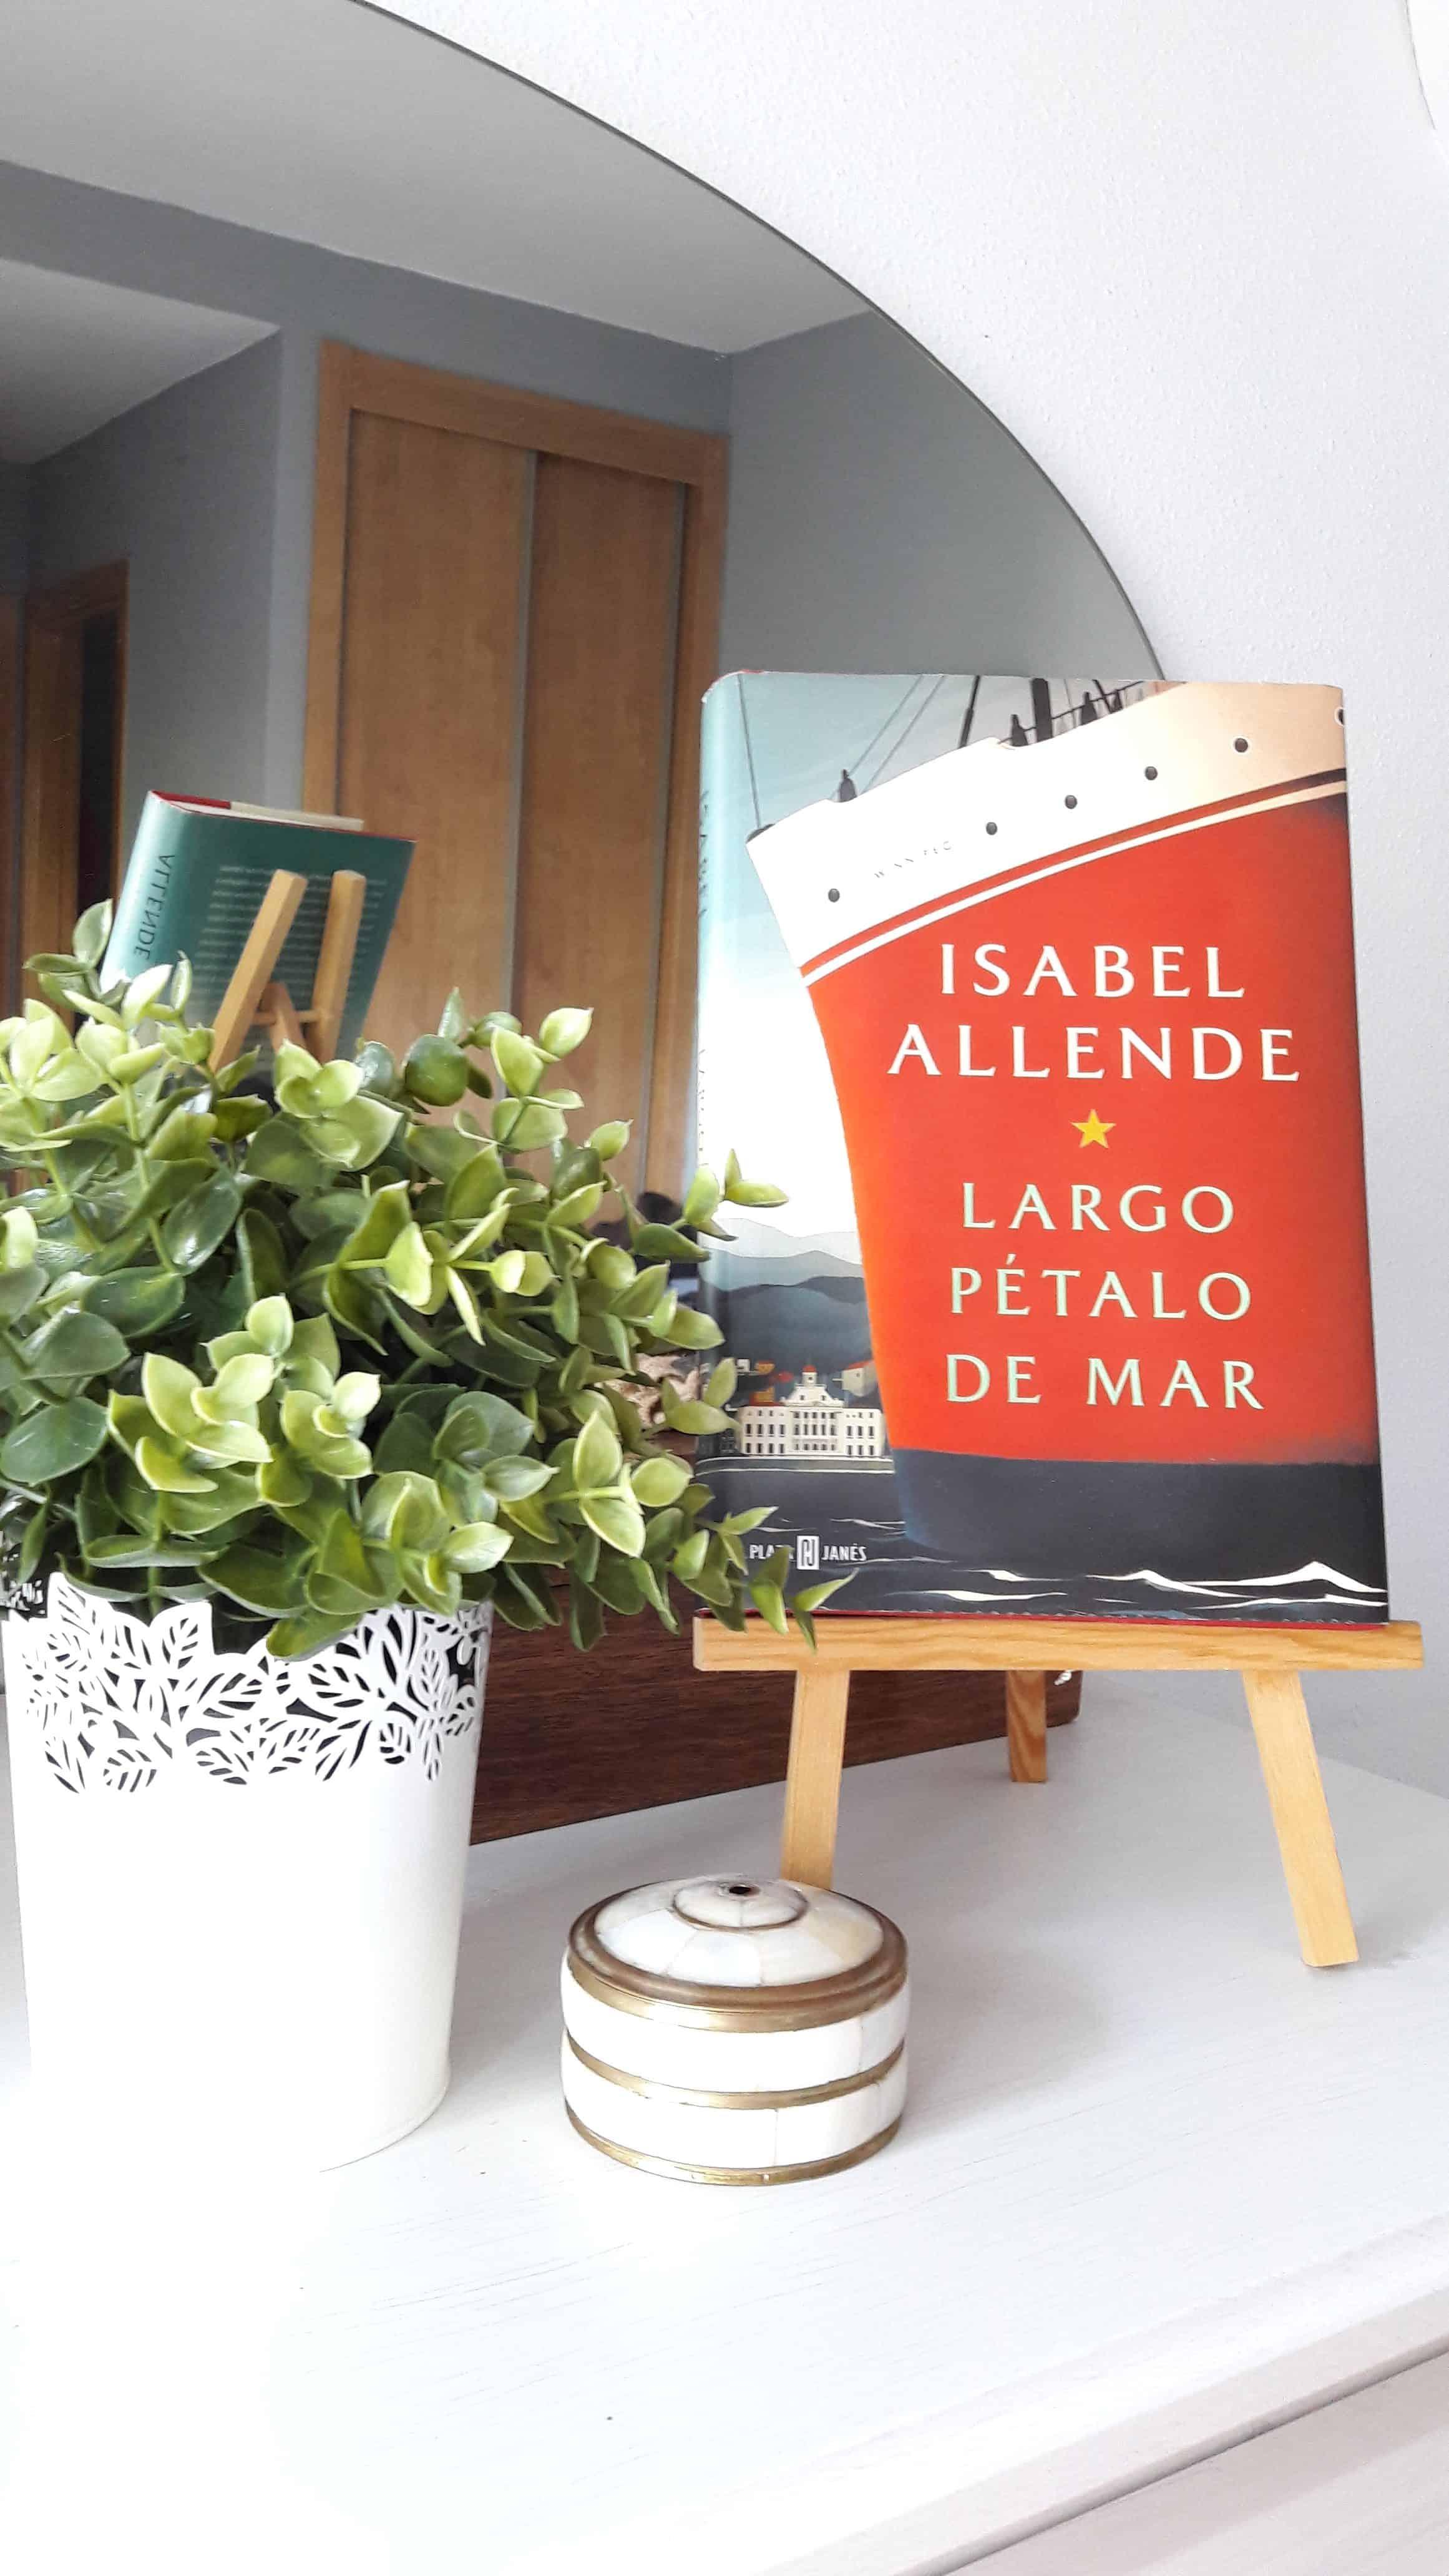 «LARGO PÉTALO DE MAR», de Isabel Allende